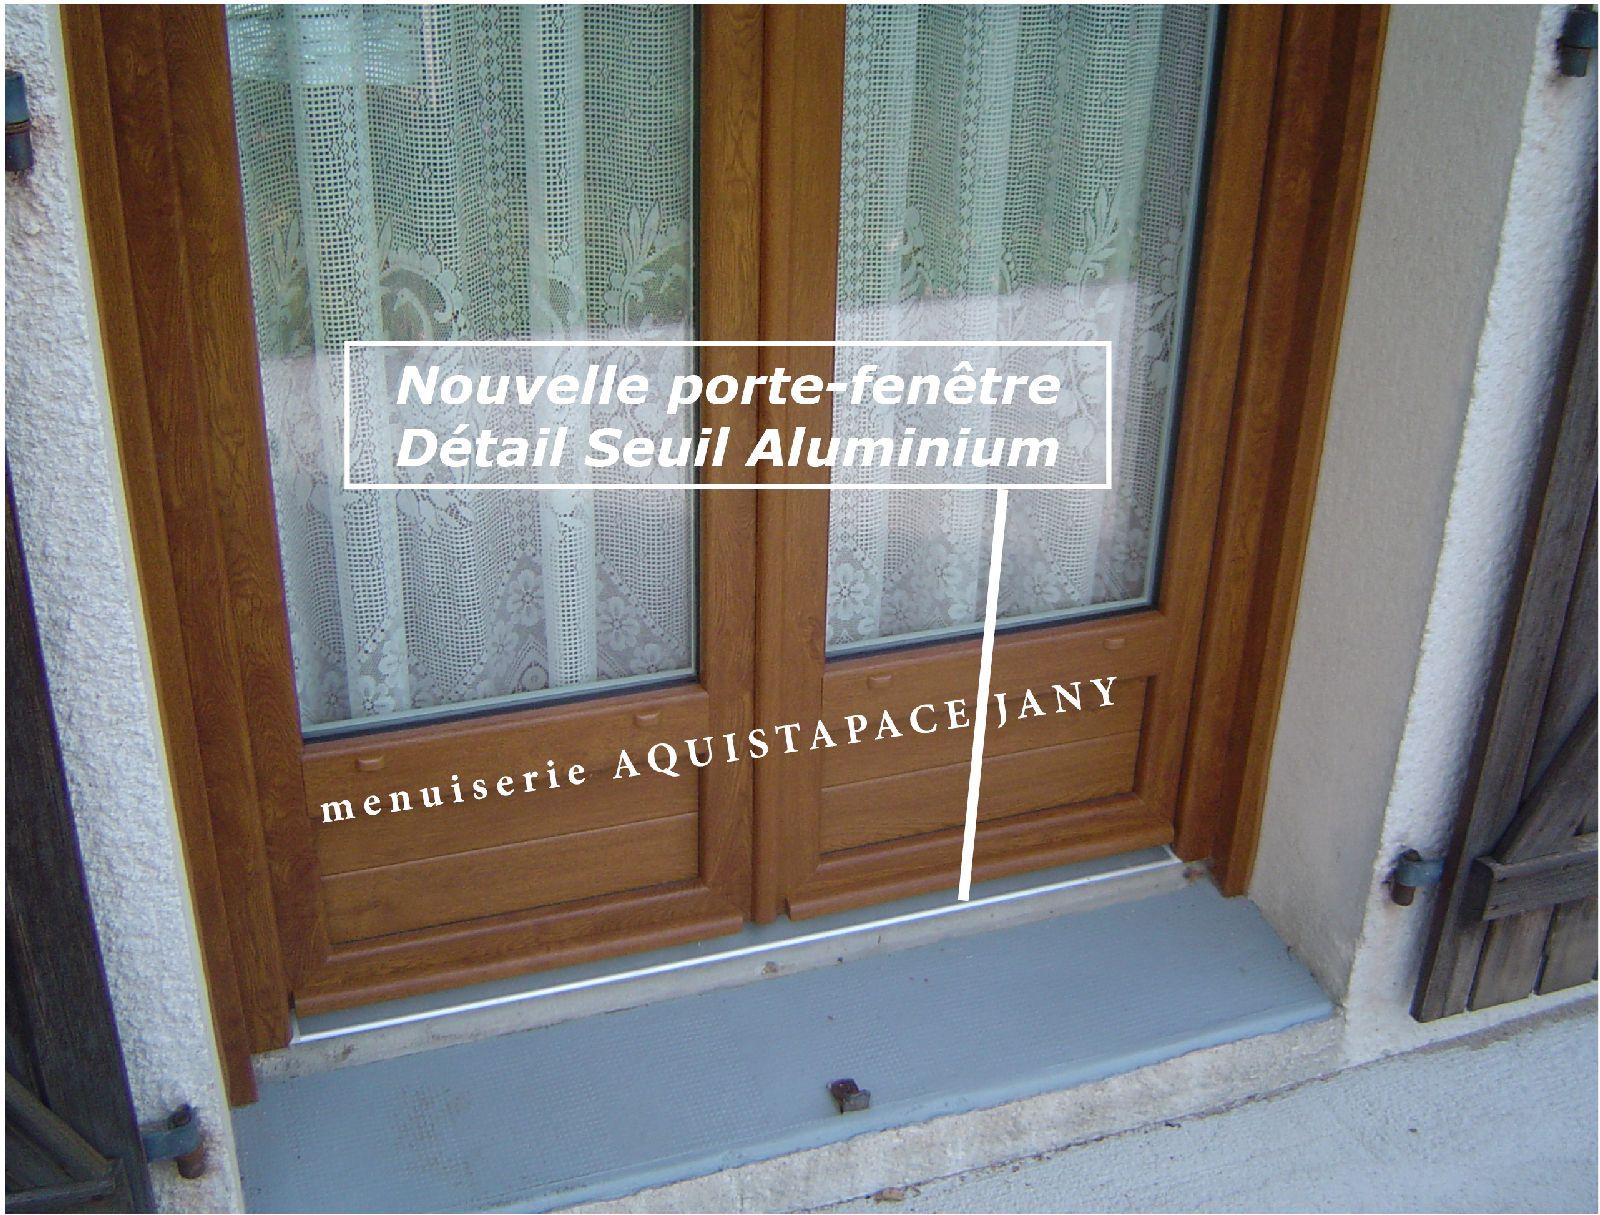 Appui de fenetre bois pose de la tle inox with appui de for Tablette pour fenetre interieur